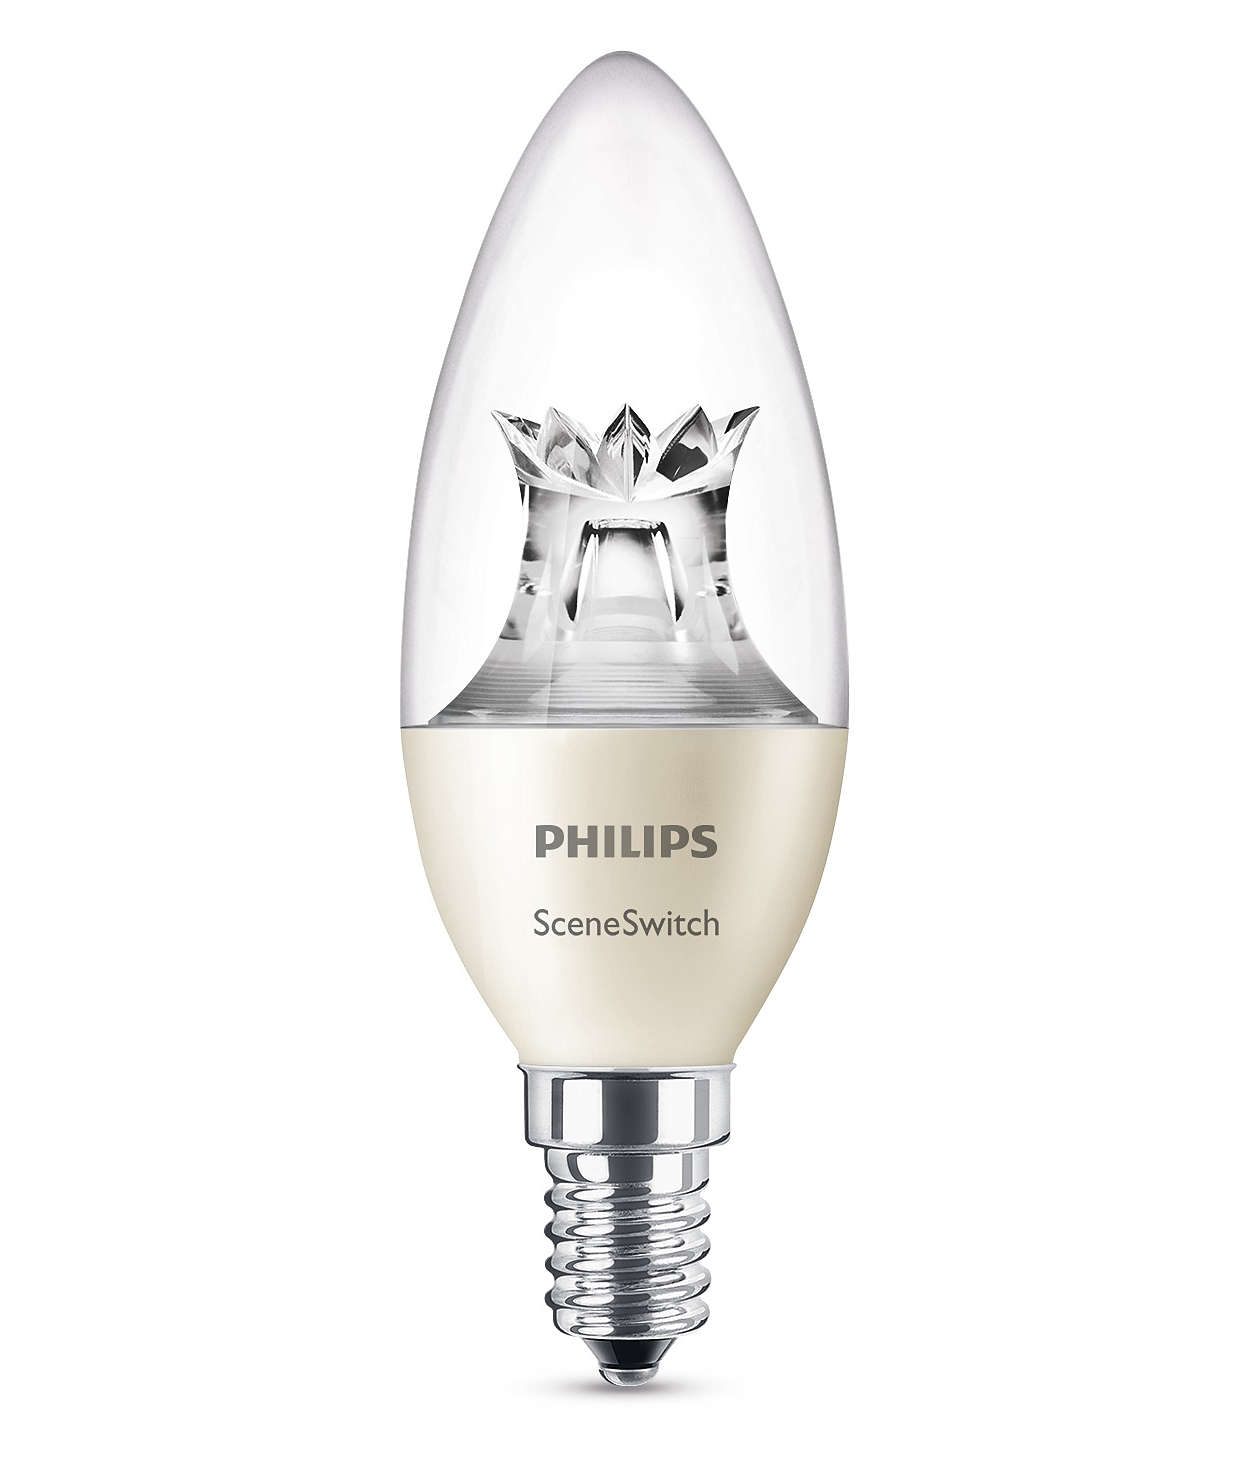 Egy gyertya formájú fényforrás, három fénybeállítás